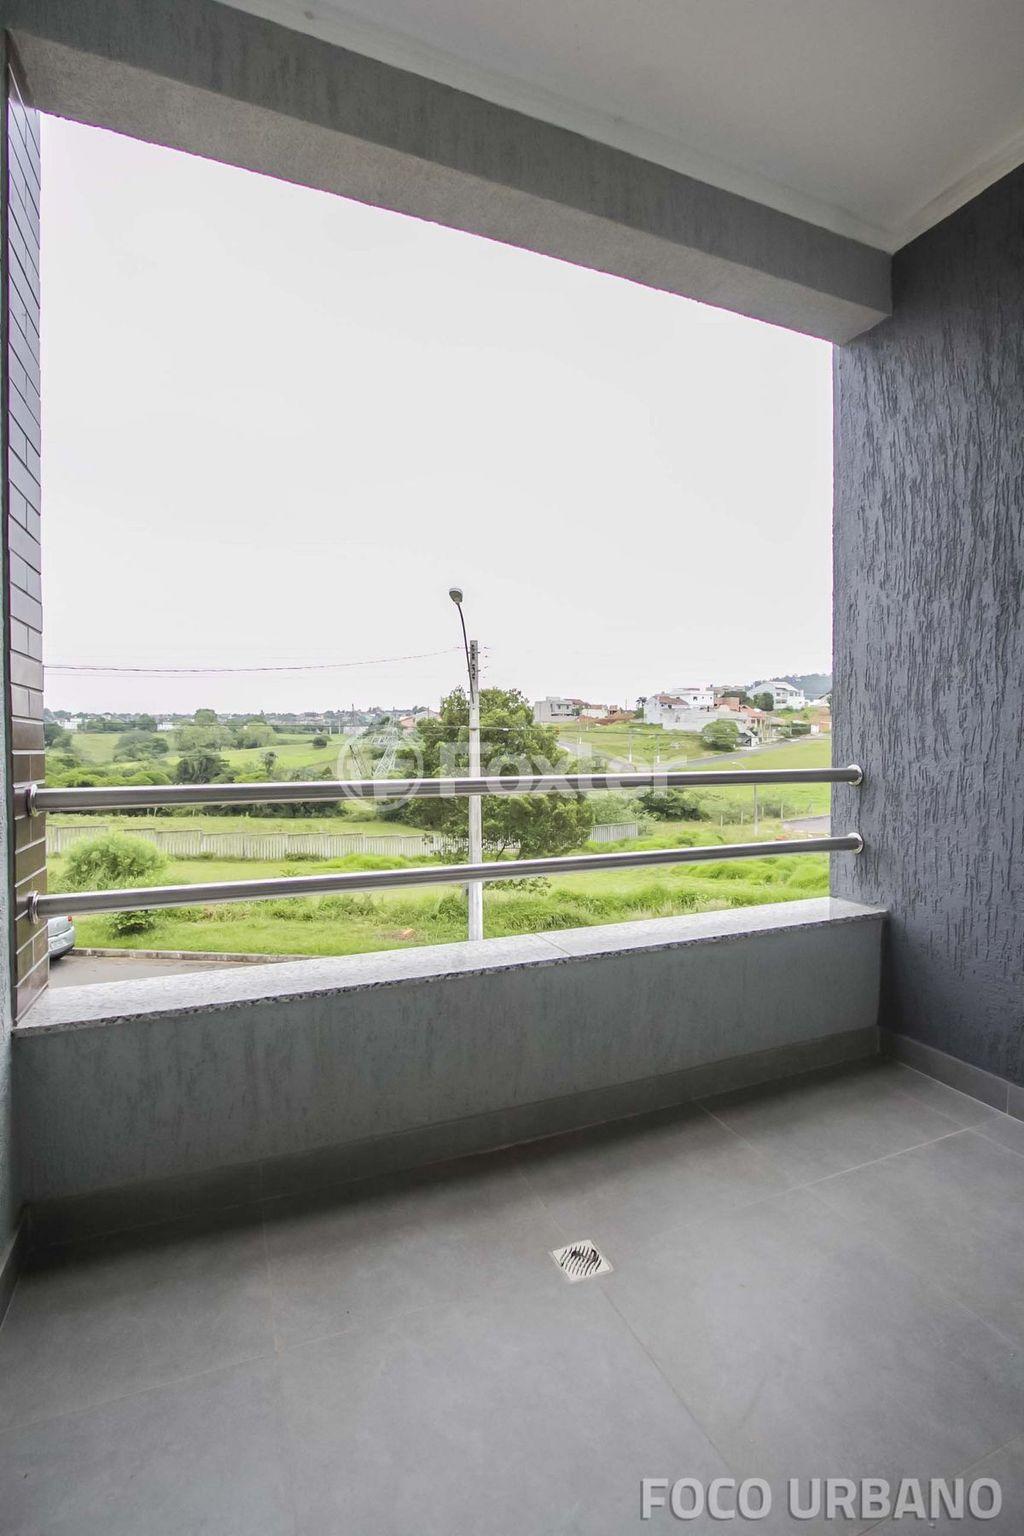 Casa 3 Dorm, Mário Quintana, Porto Alegre (105727) - Foto 38